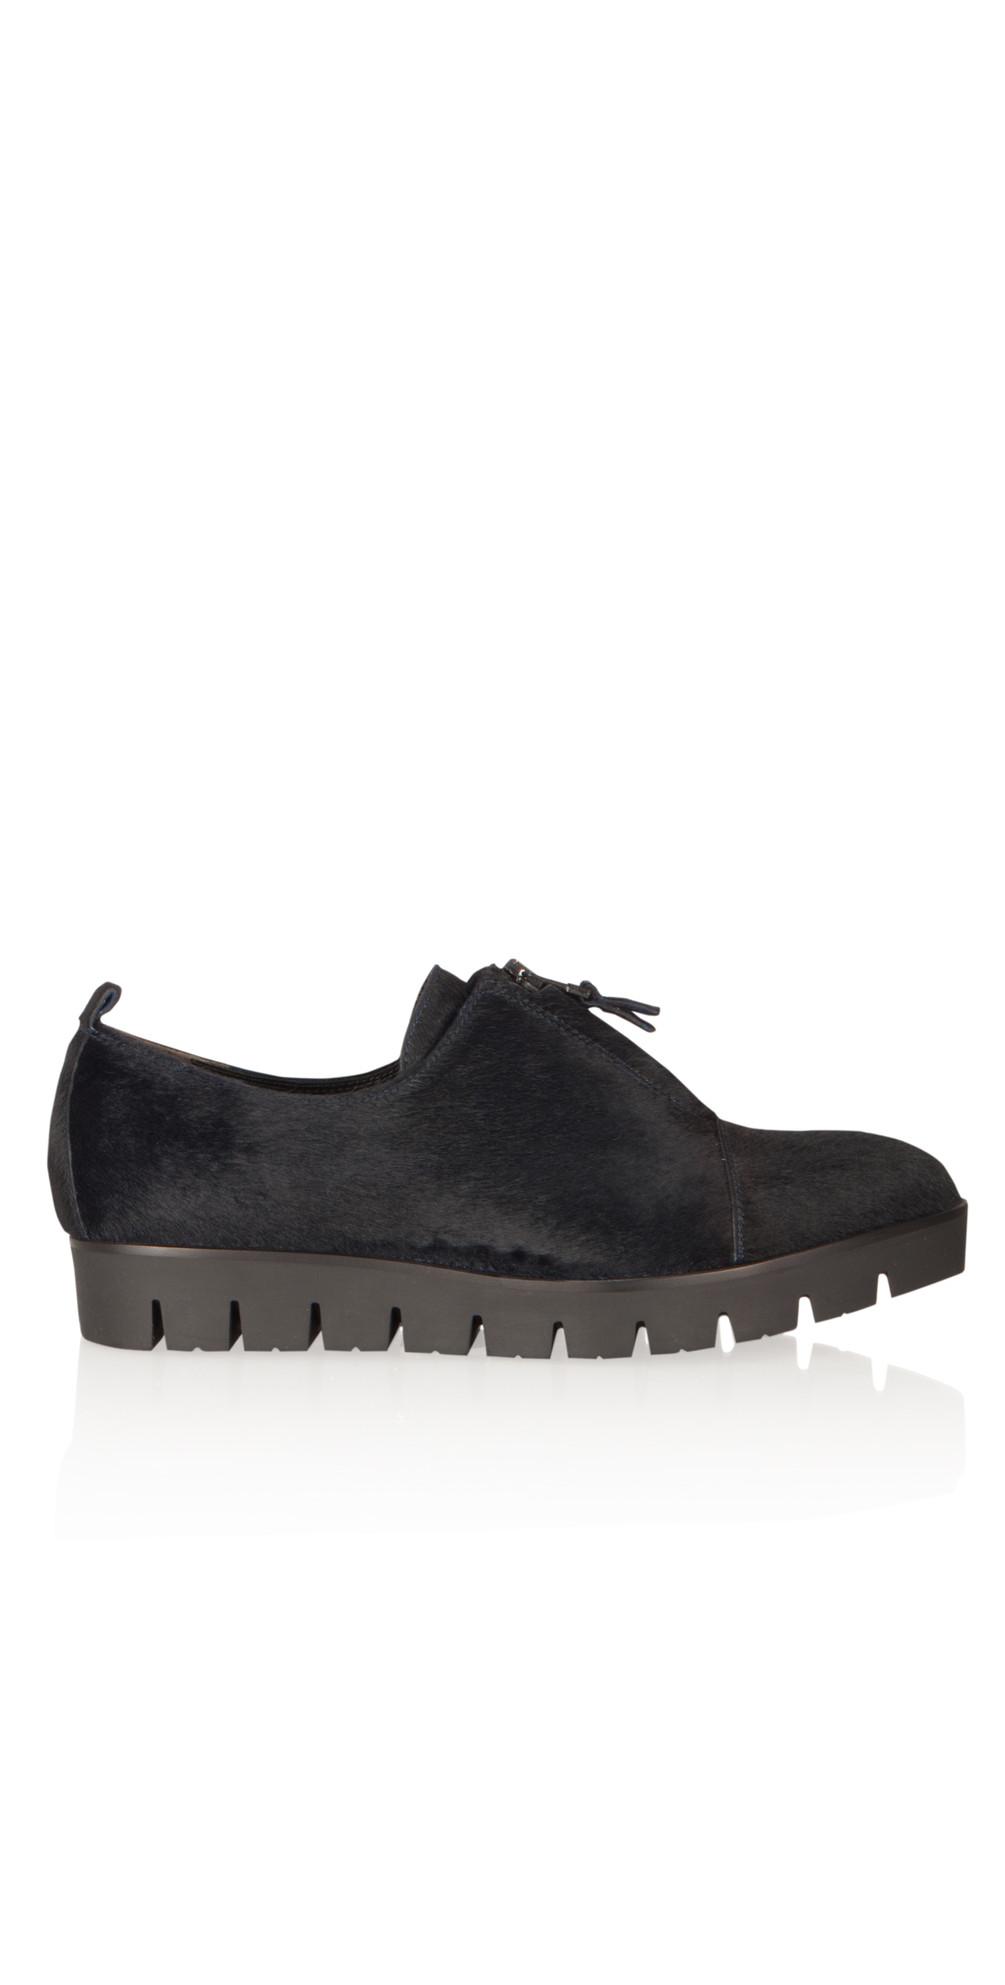 kennel und schmenger millia pony skin crepe sole shoe in. Black Bedroom Furniture Sets. Home Design Ideas